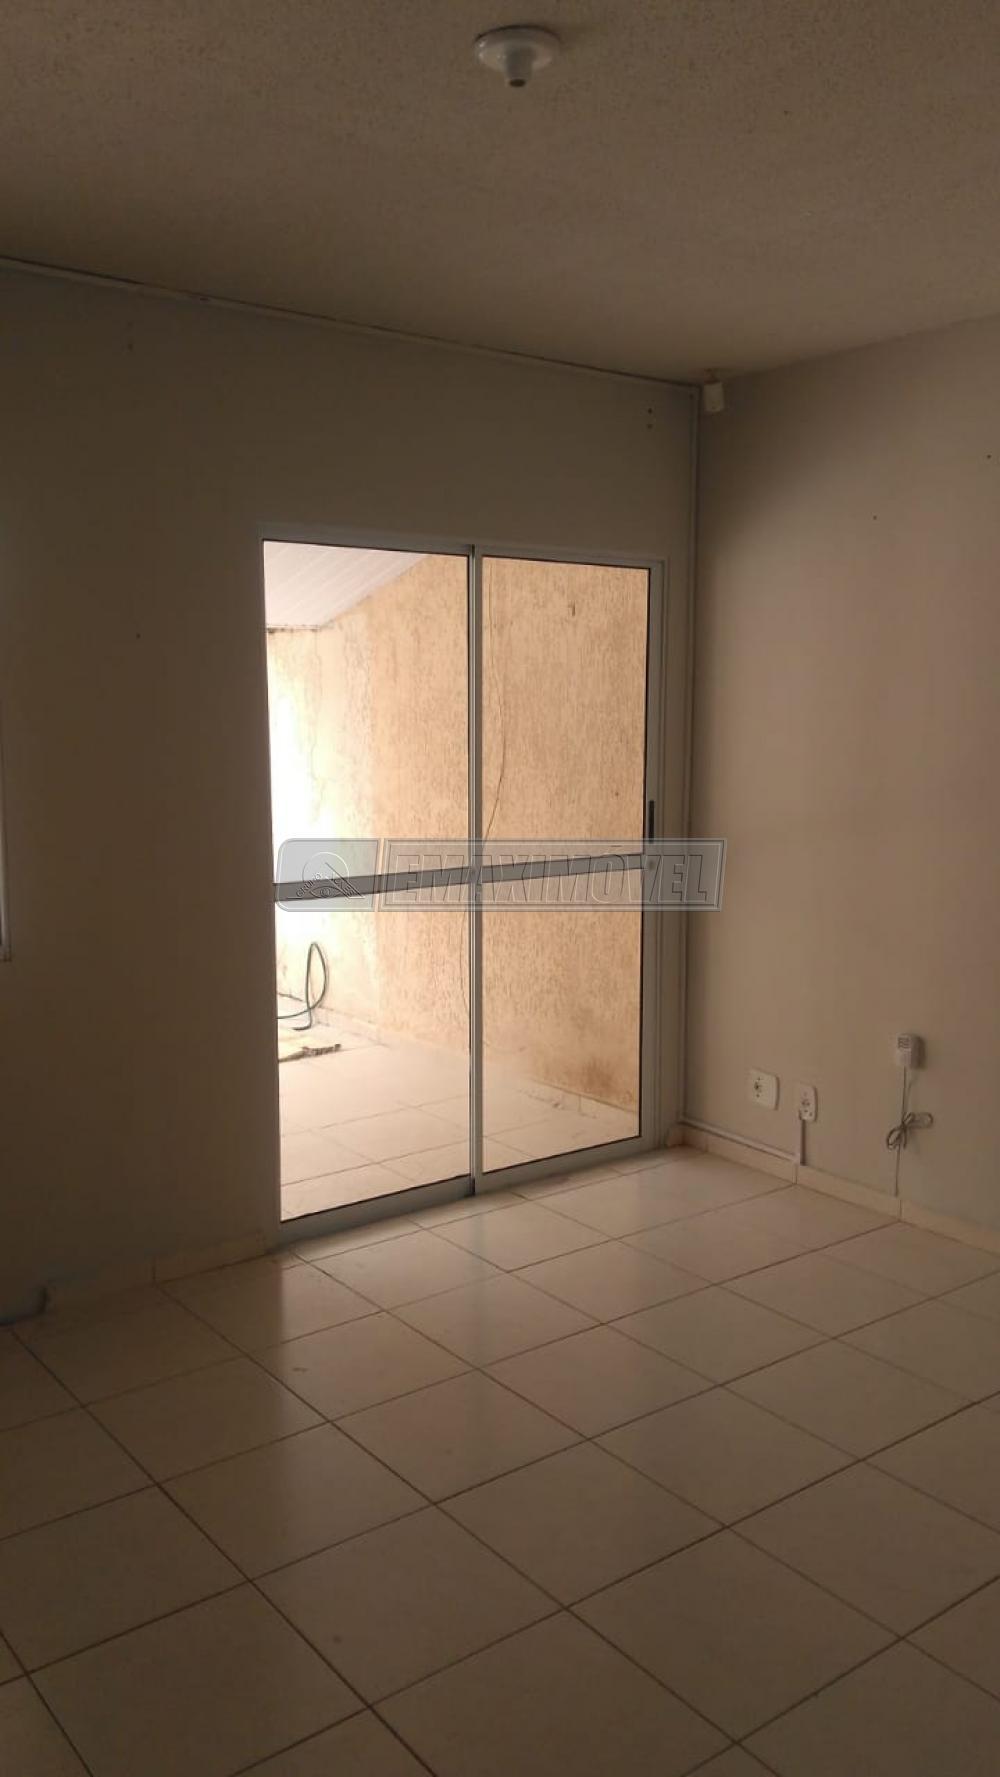 Alugar Casas / em Condomínios em Sorocaba apenas R$ 1.100,00 - Foto 3